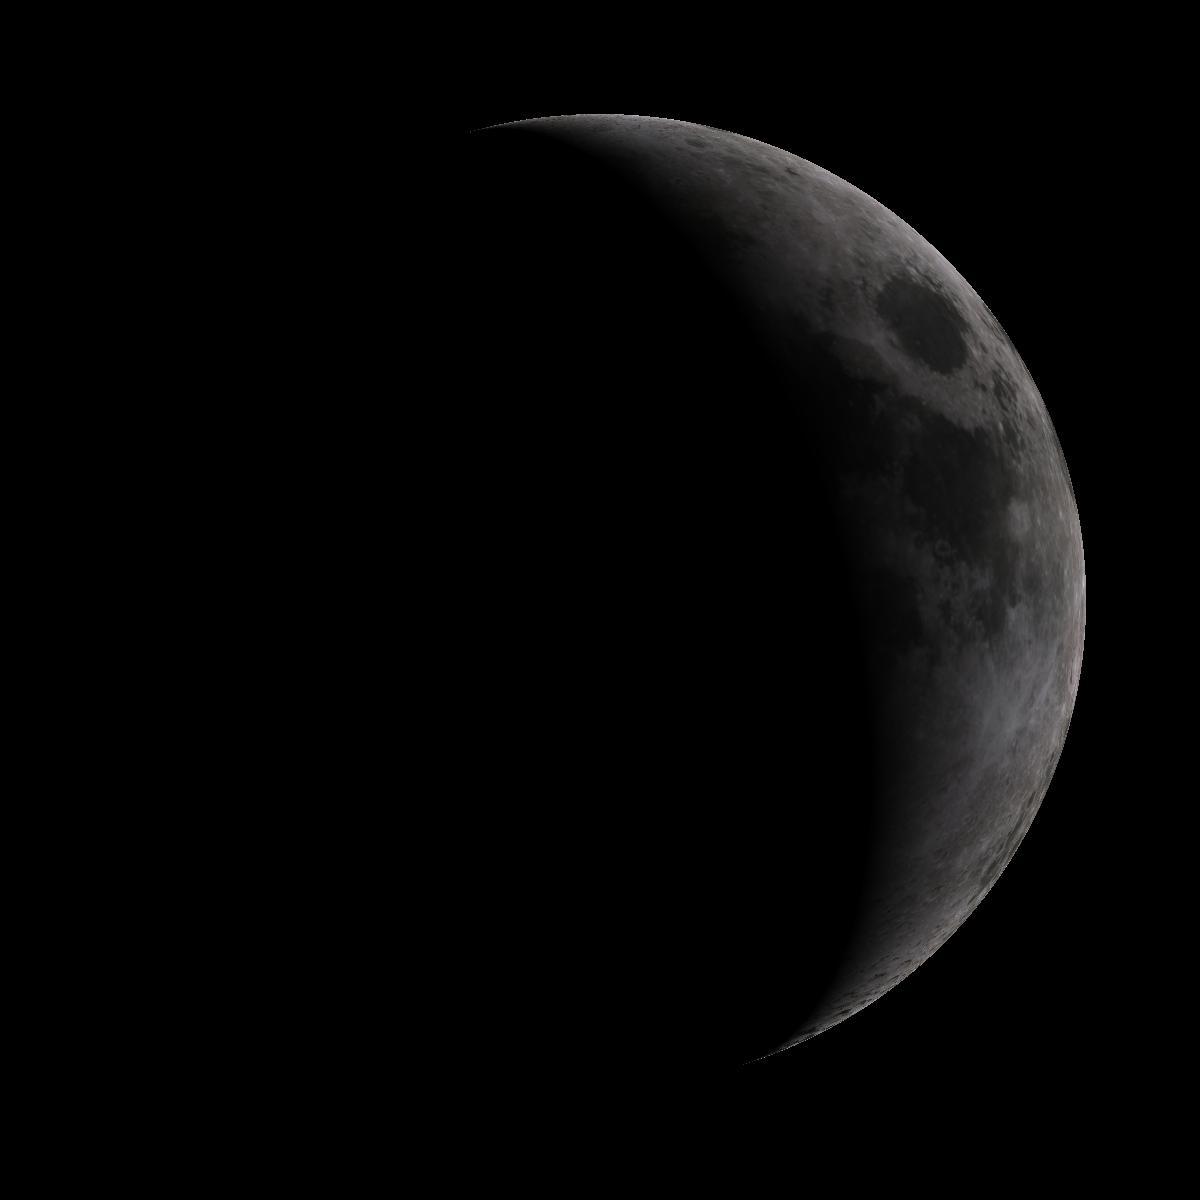 Lune du 8 juin 2019